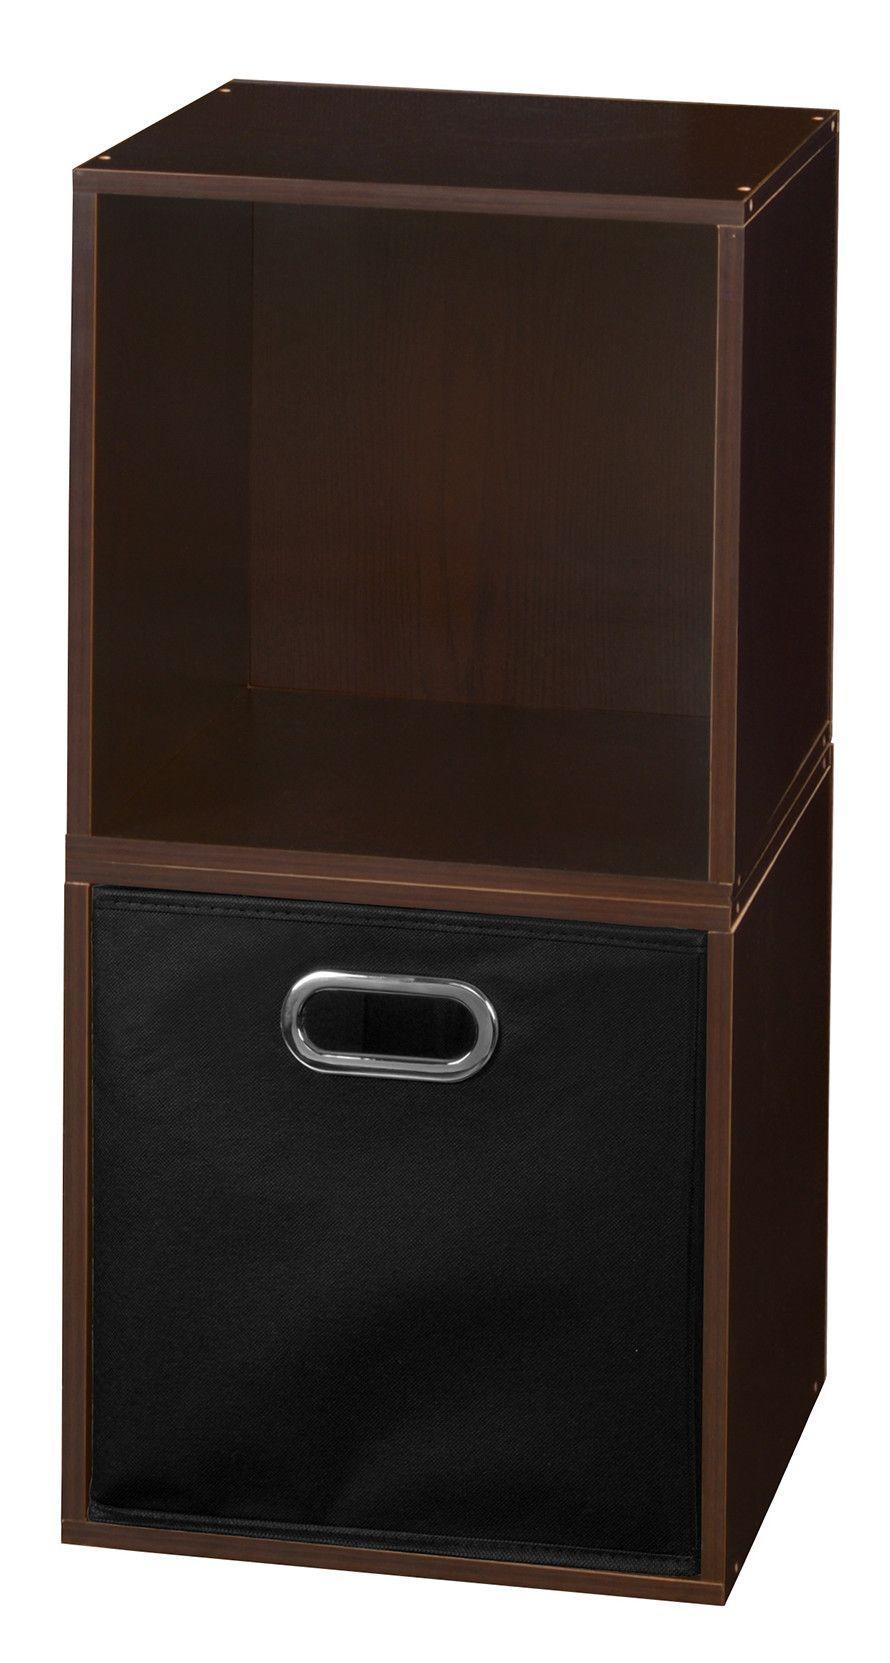 Niche Cubo Bookcase